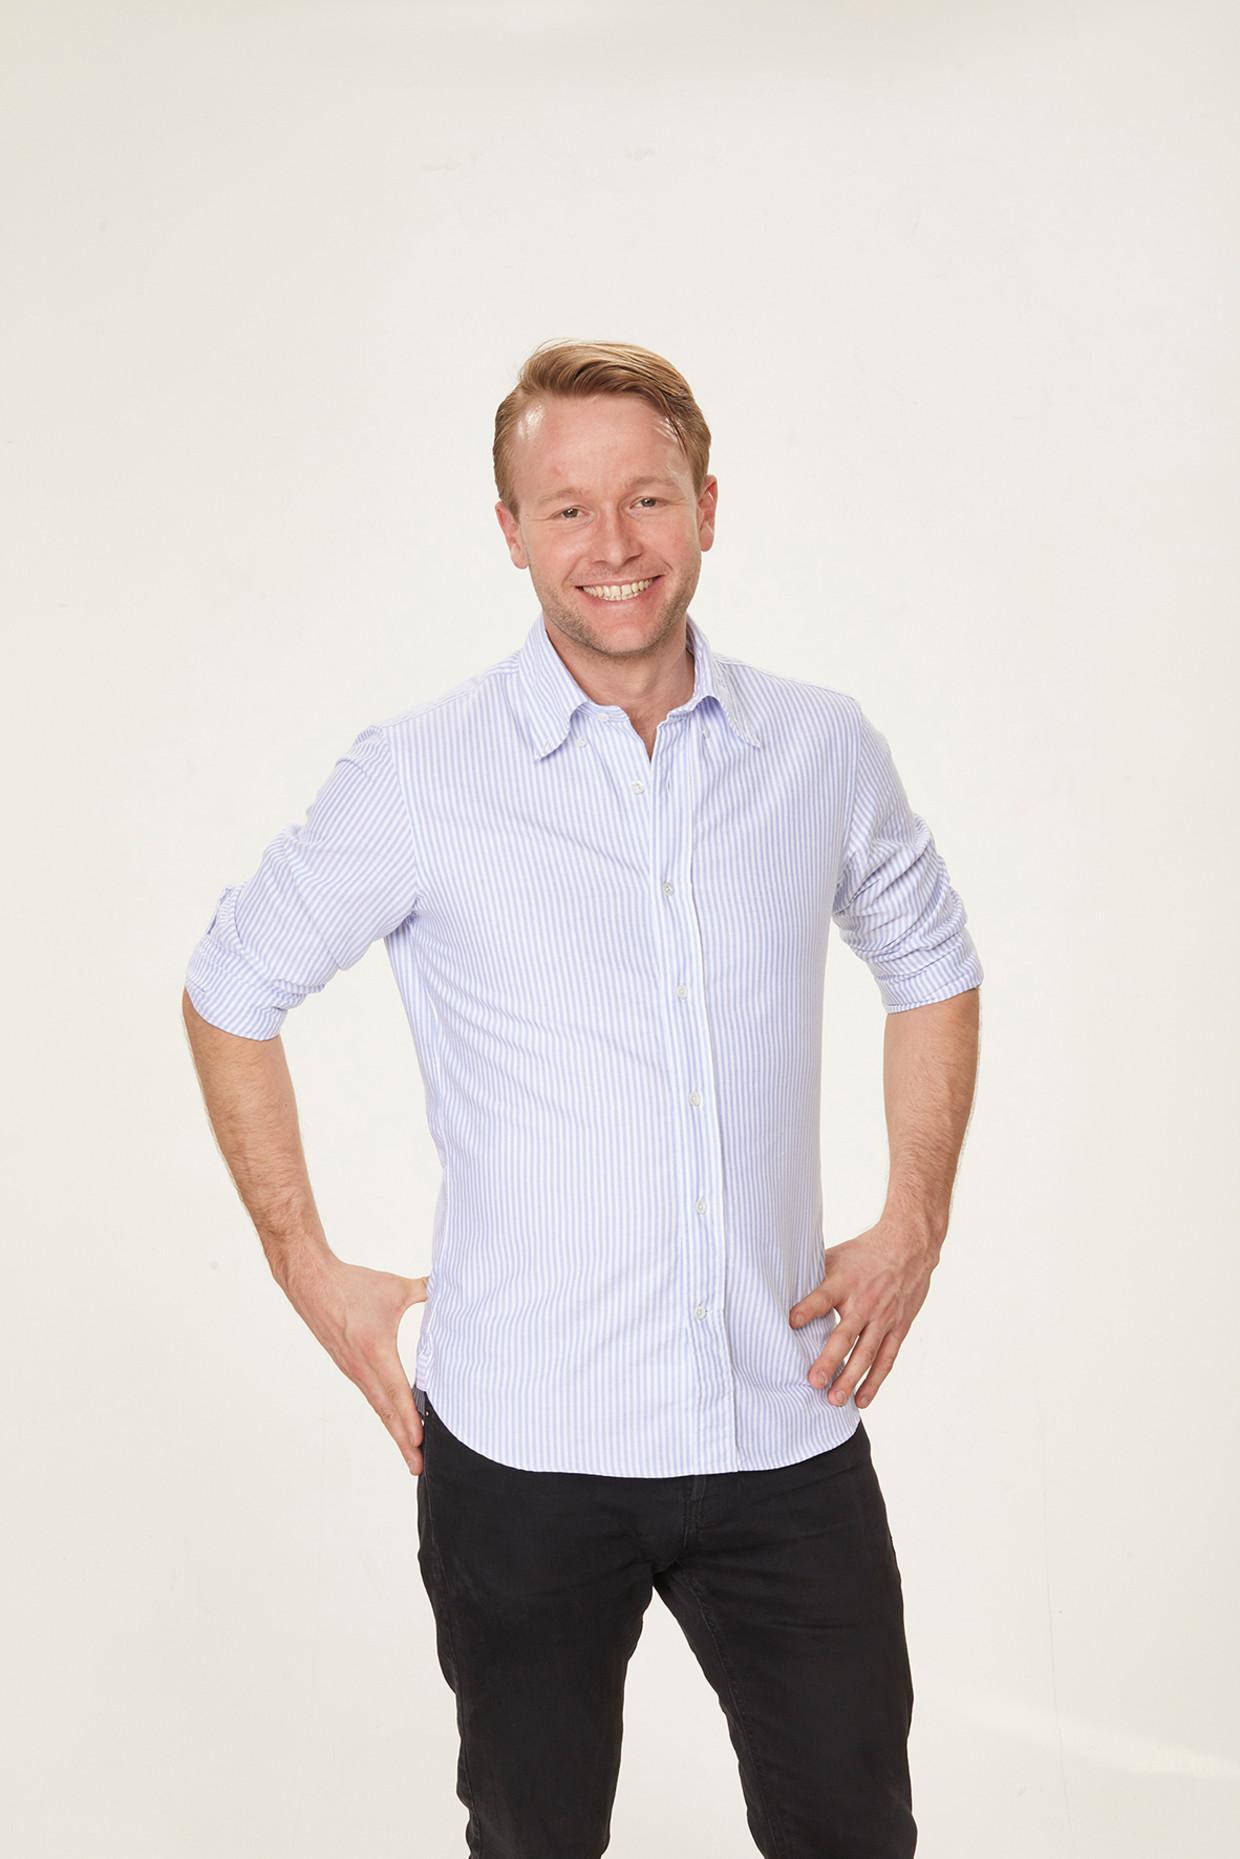 Reinier van Lanschot, lijsttrekker van de nieuwe partij Volt (Nederland).